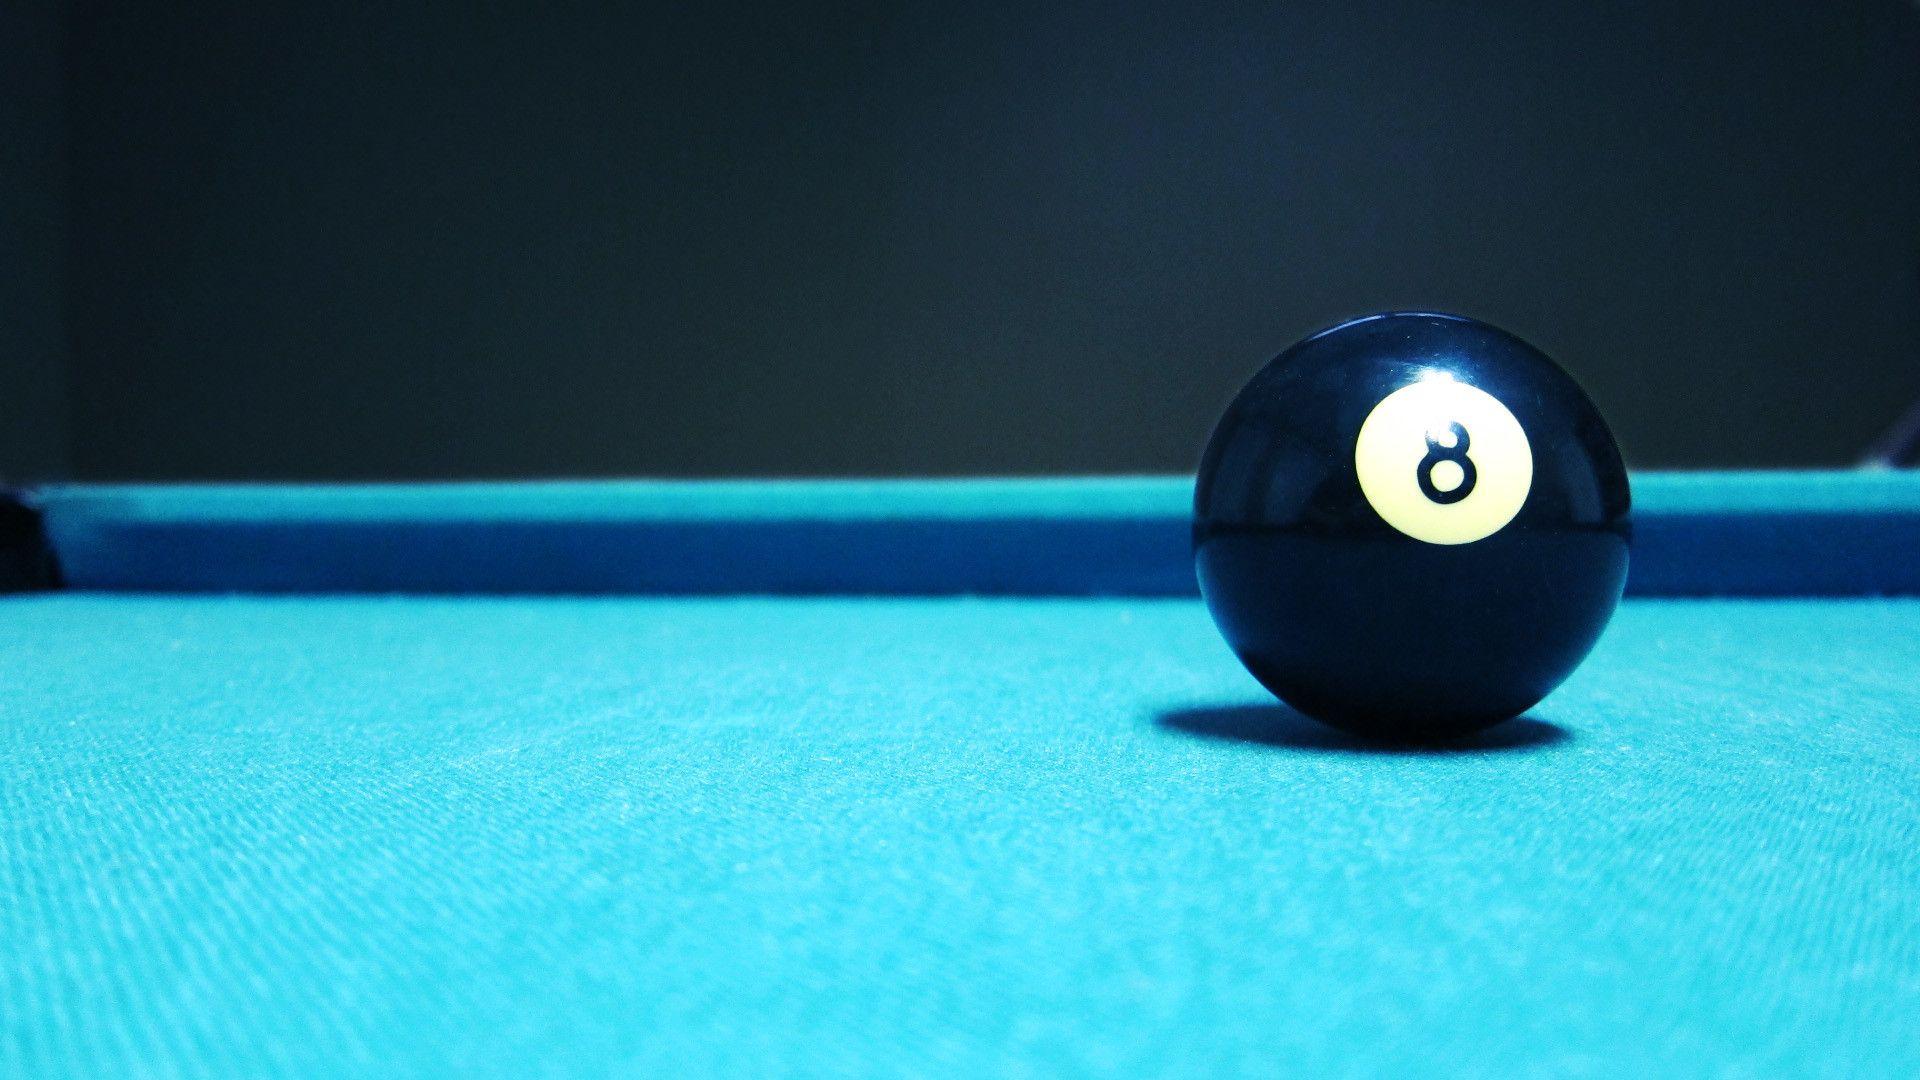 8 Ball Pool Apk Mod Pool Balls Ball Pool Games